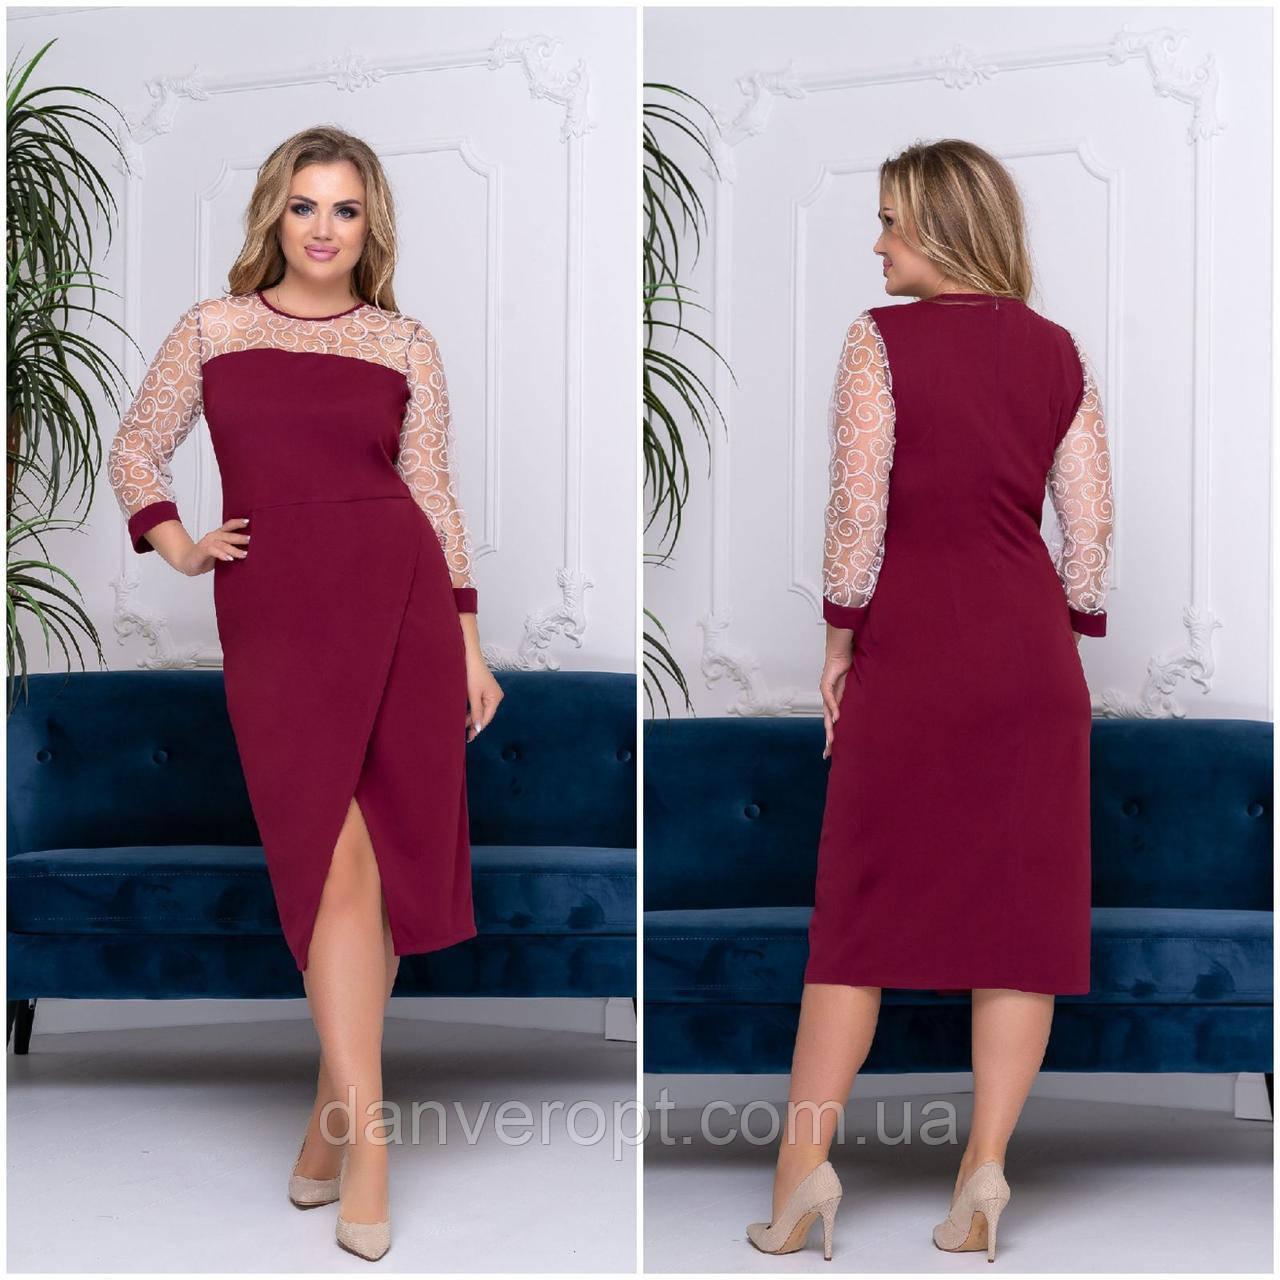 Плаття стильне жіноче святкове розмір 48-54 купити оптом зі складу 7км Одеса